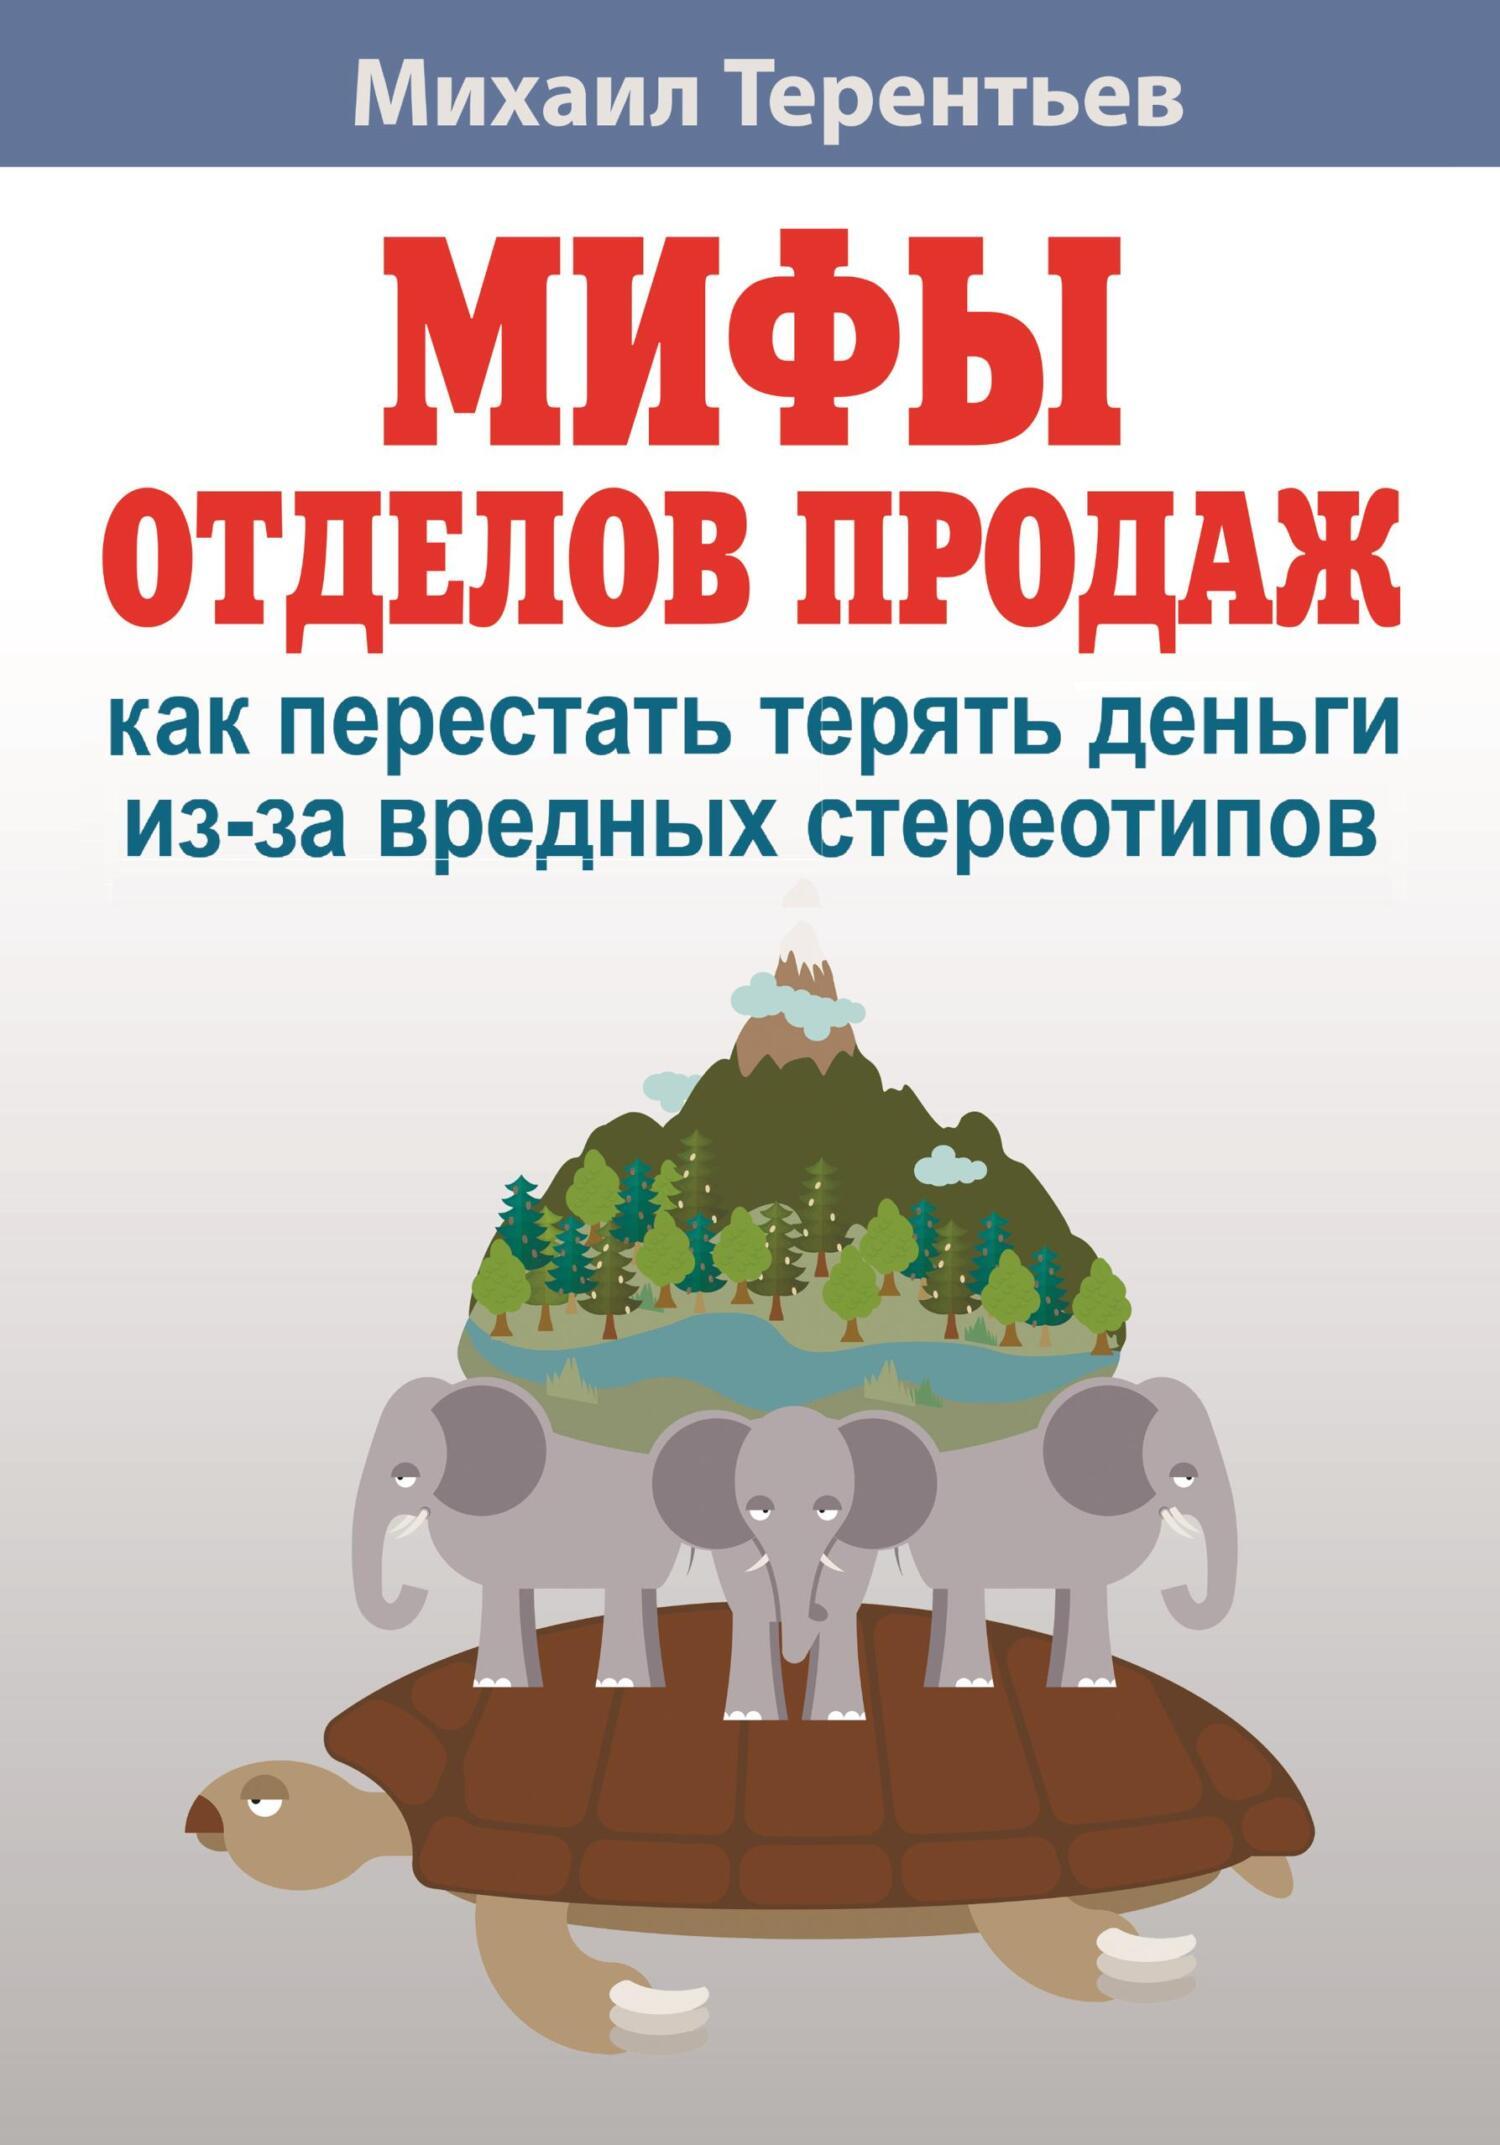 Обложка книги. Автор - Михаил Терентьев